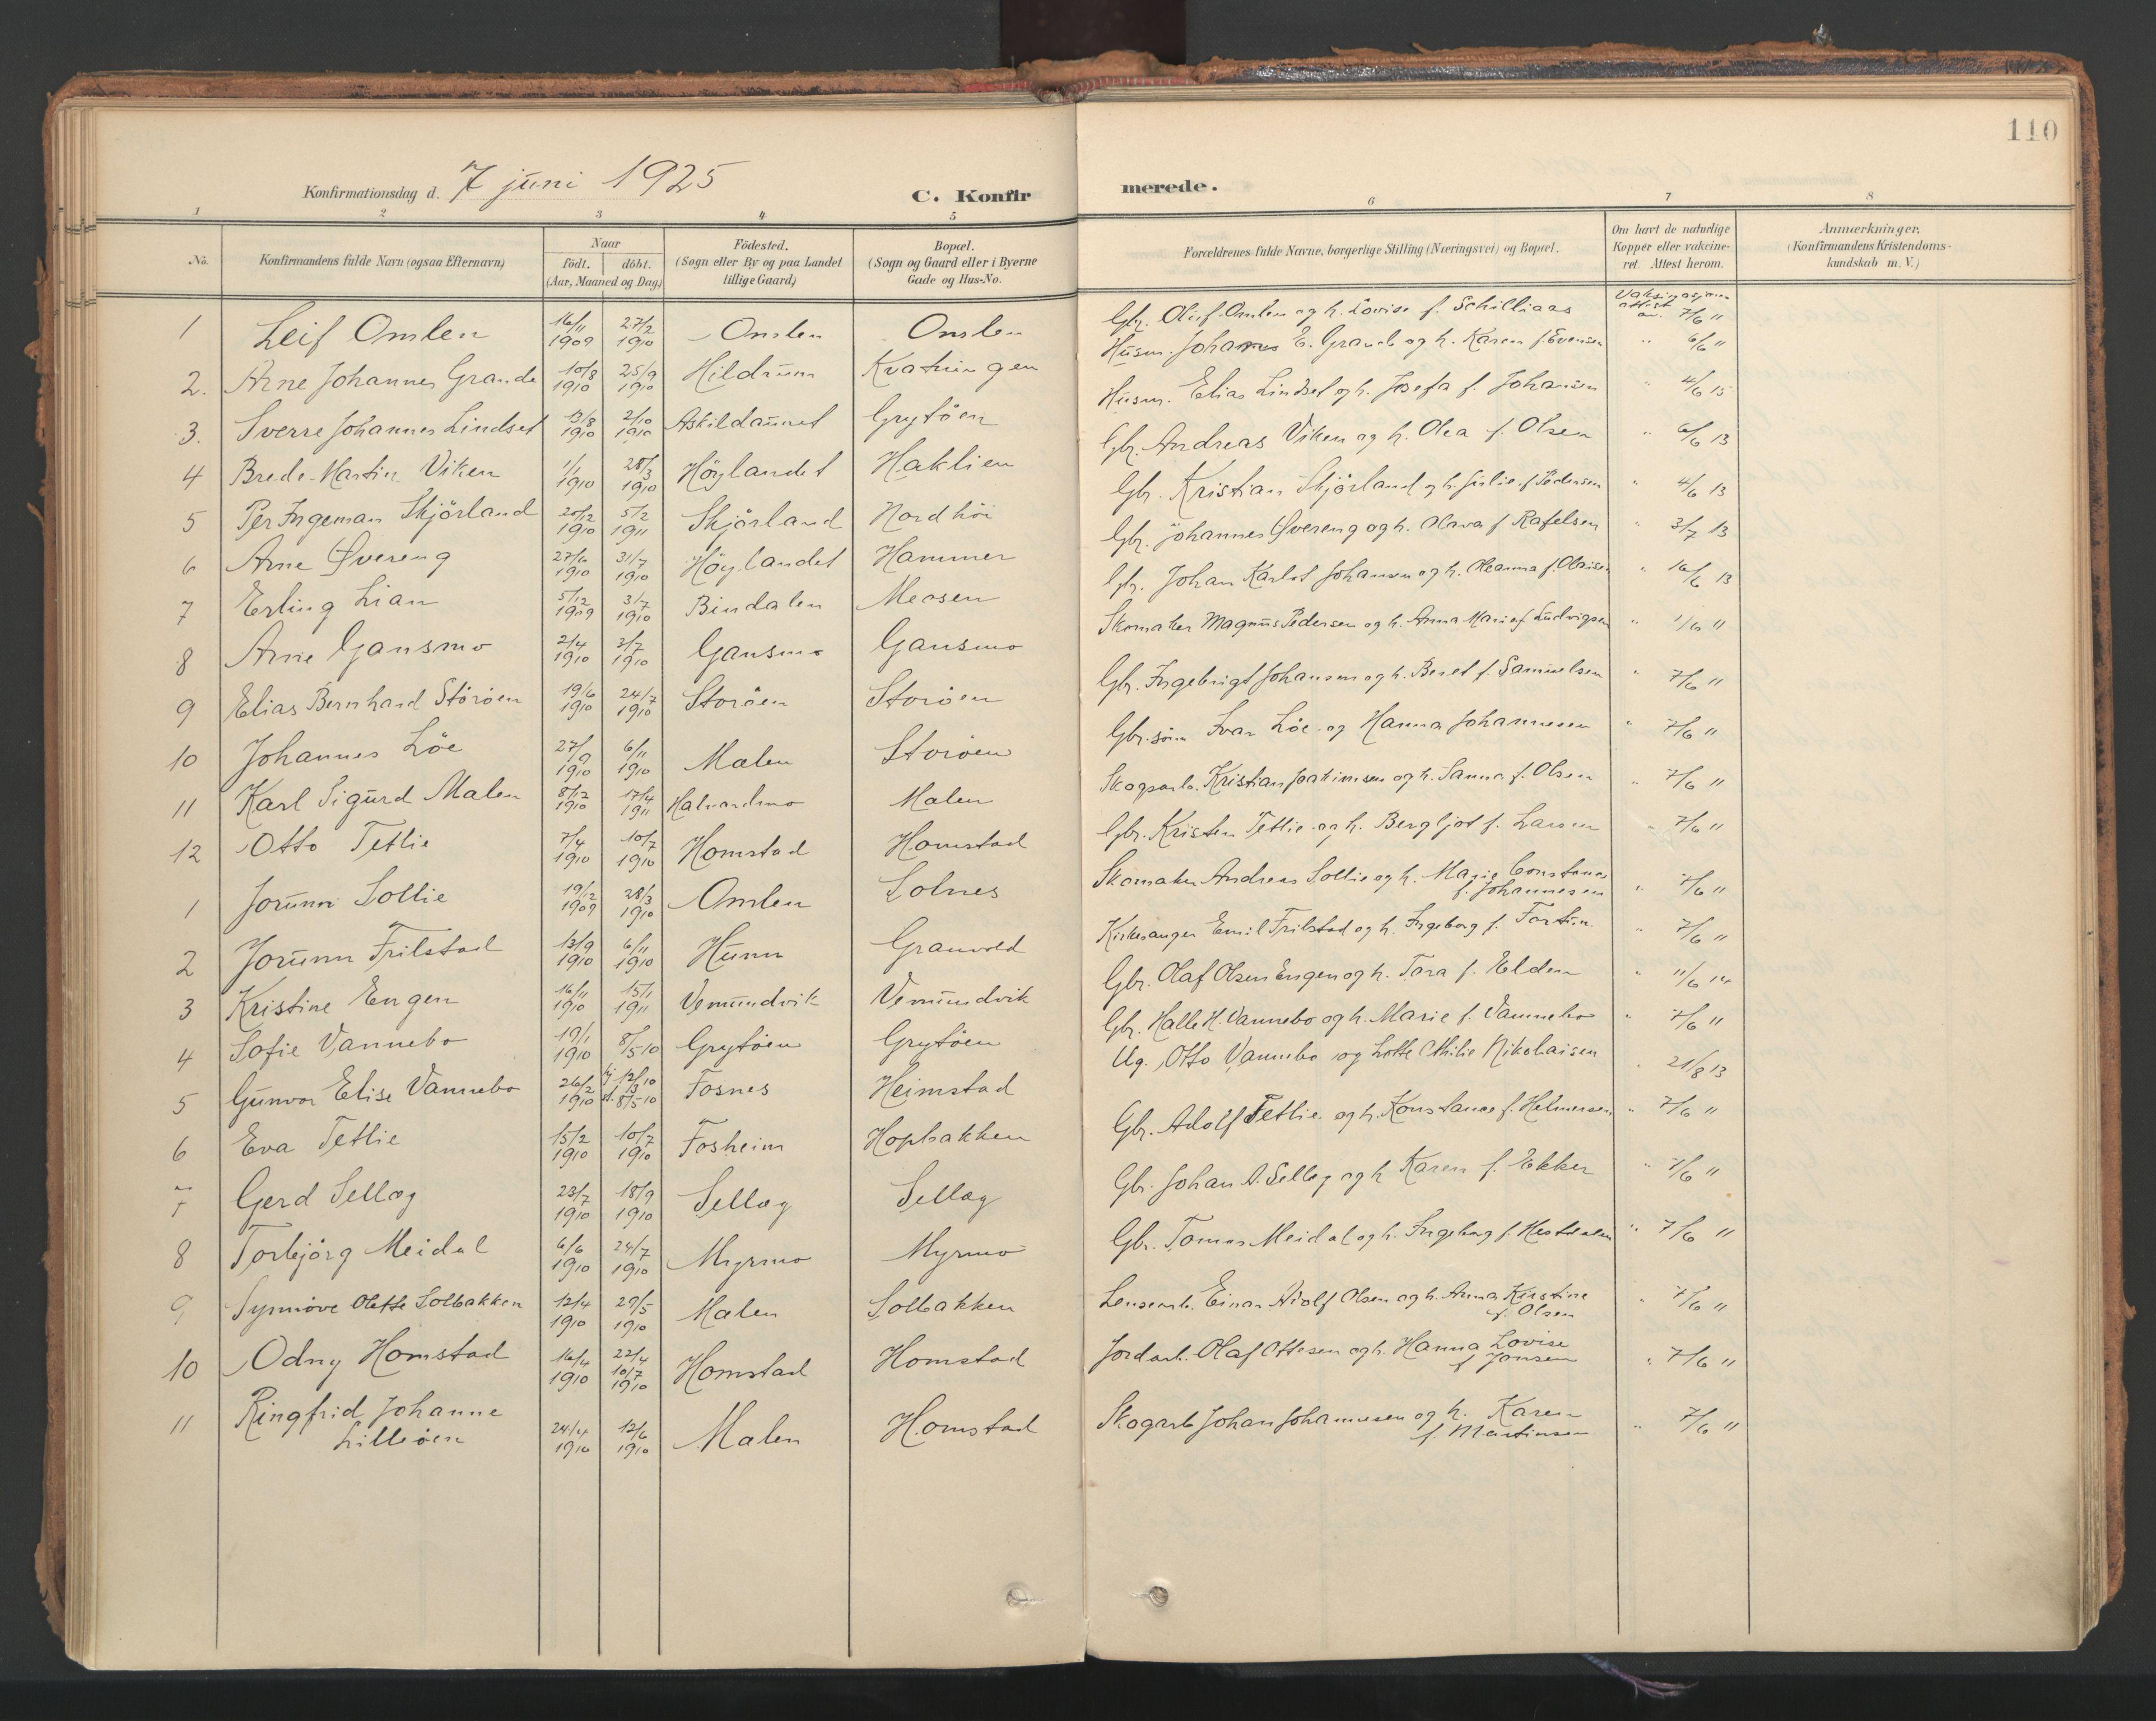 SAT, Ministerialprotokoller, klokkerbøker og fødselsregistre - Nord-Trøndelag, 766/L0564: Ministerialbok nr. 767A02, 1900-1932, s. 110